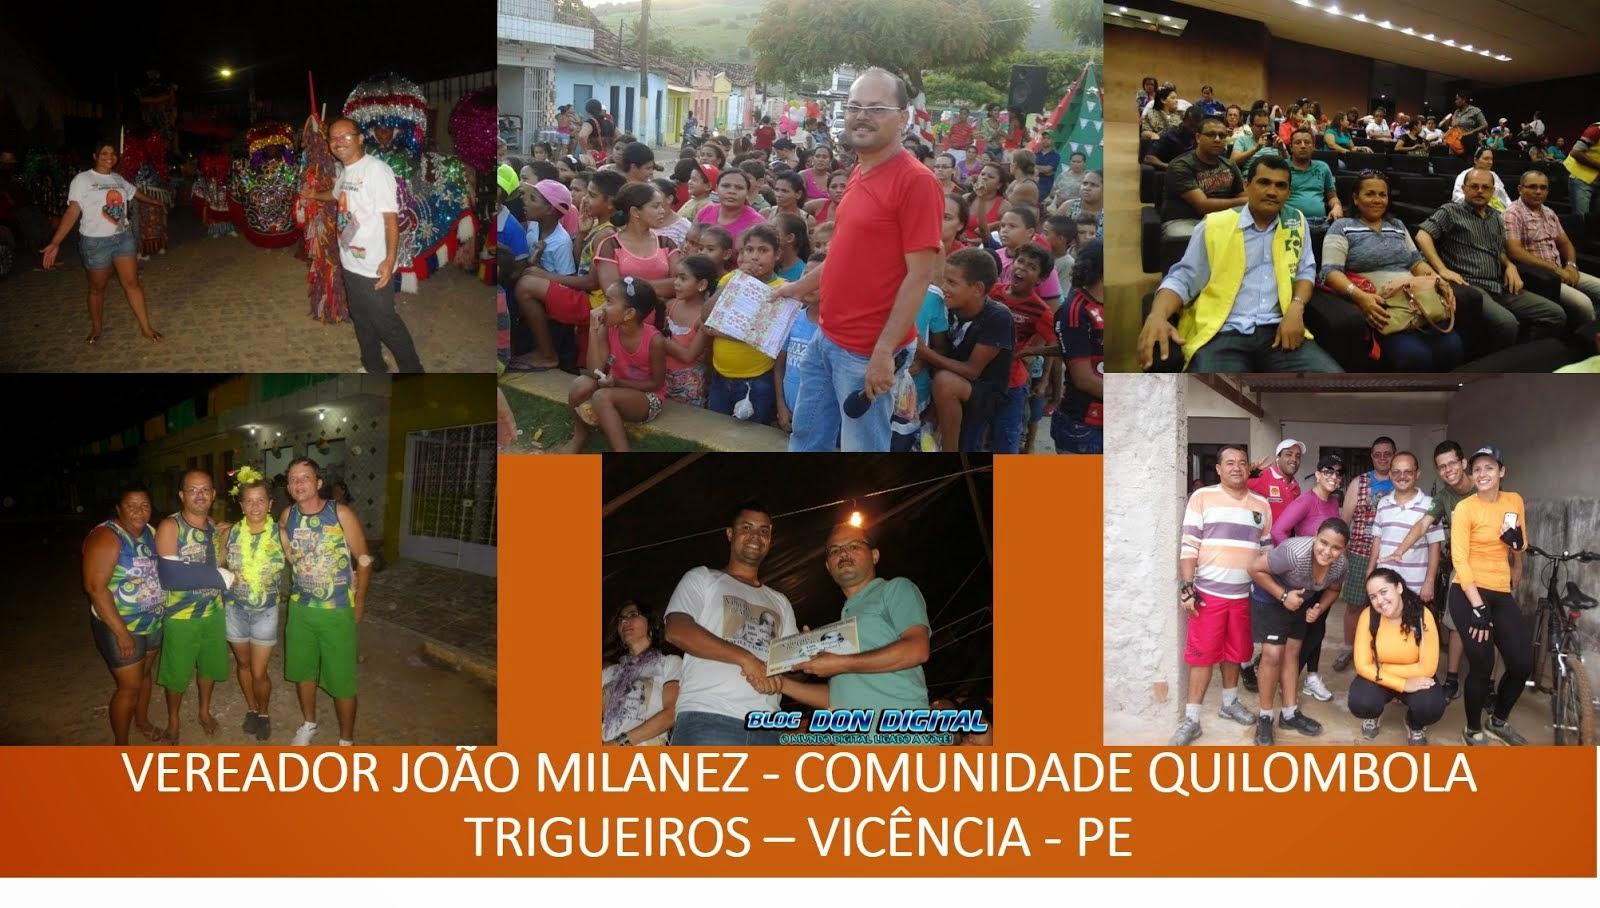 VEREADOR JOÃO MILANEZ